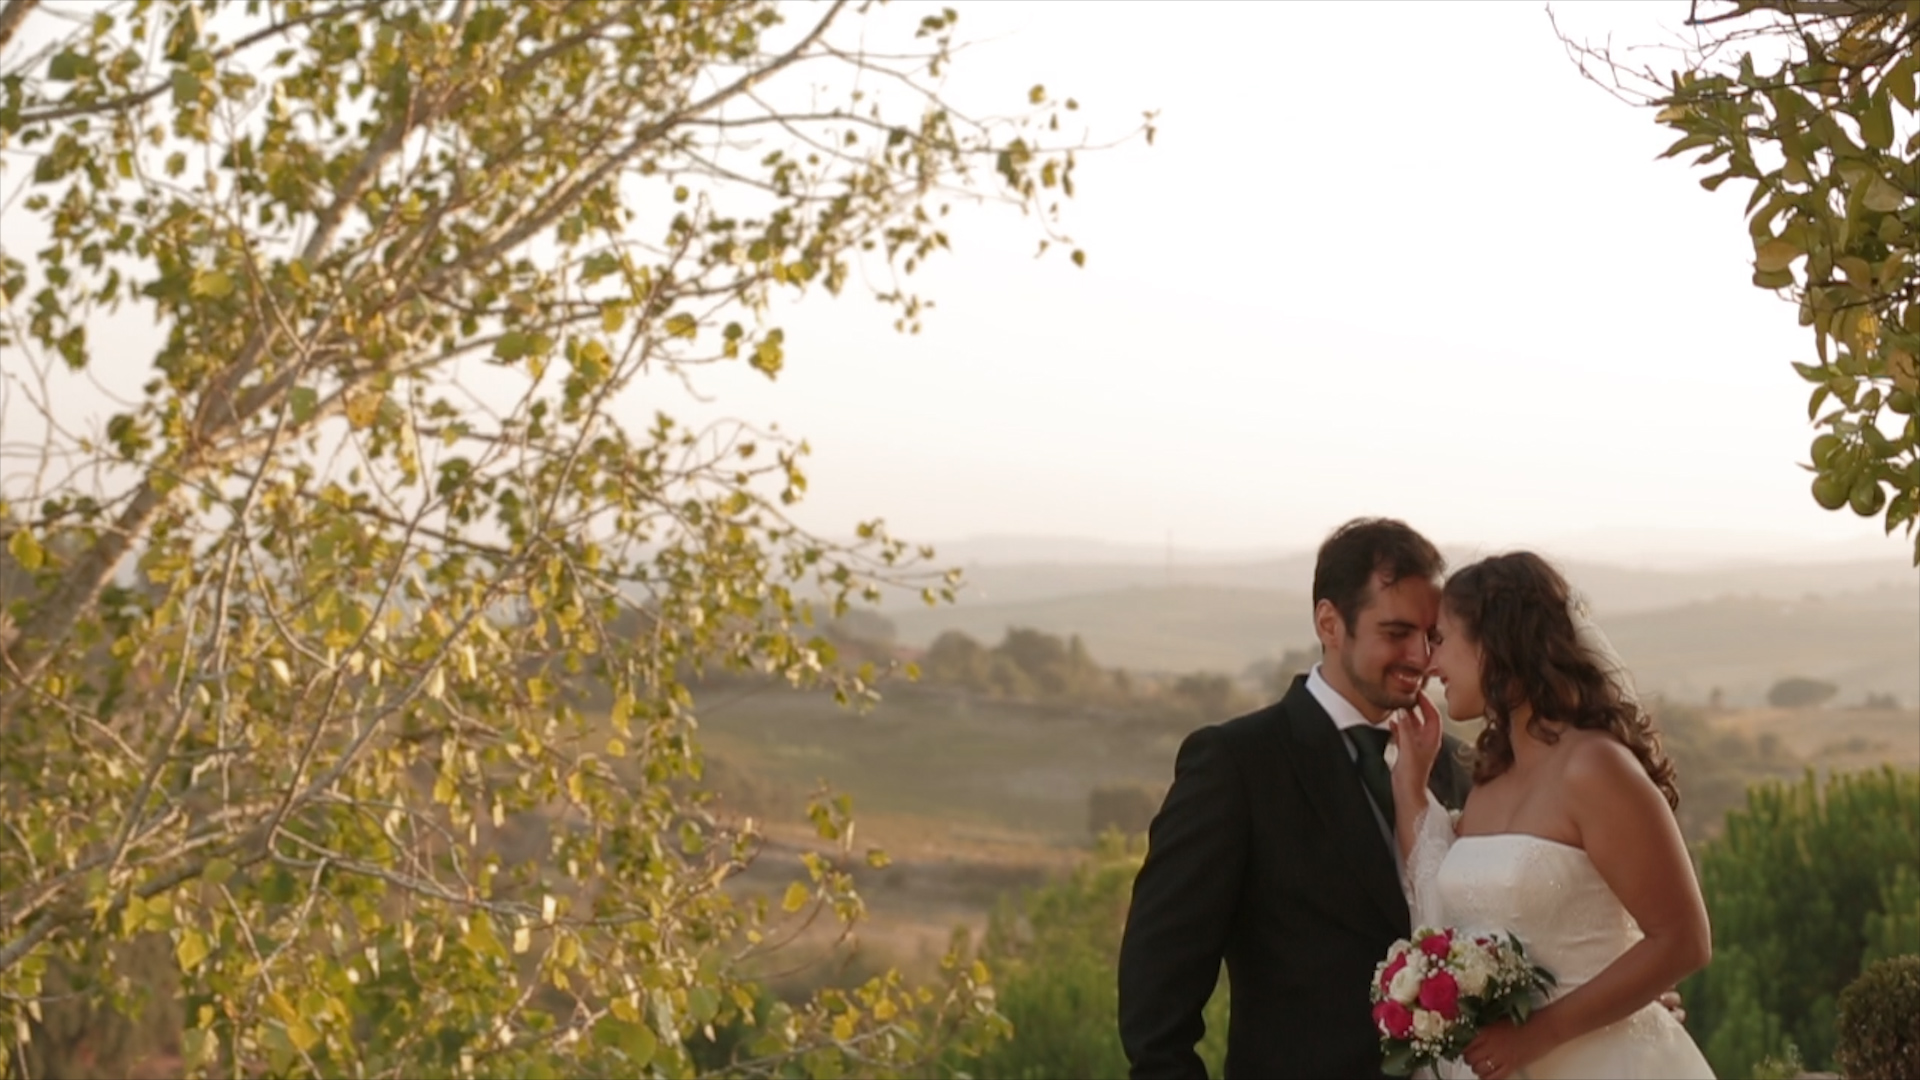 Margarida e Francisco {Clip do dia} in Quinta do Valle do Riacho, Alenquer 25_09_2015